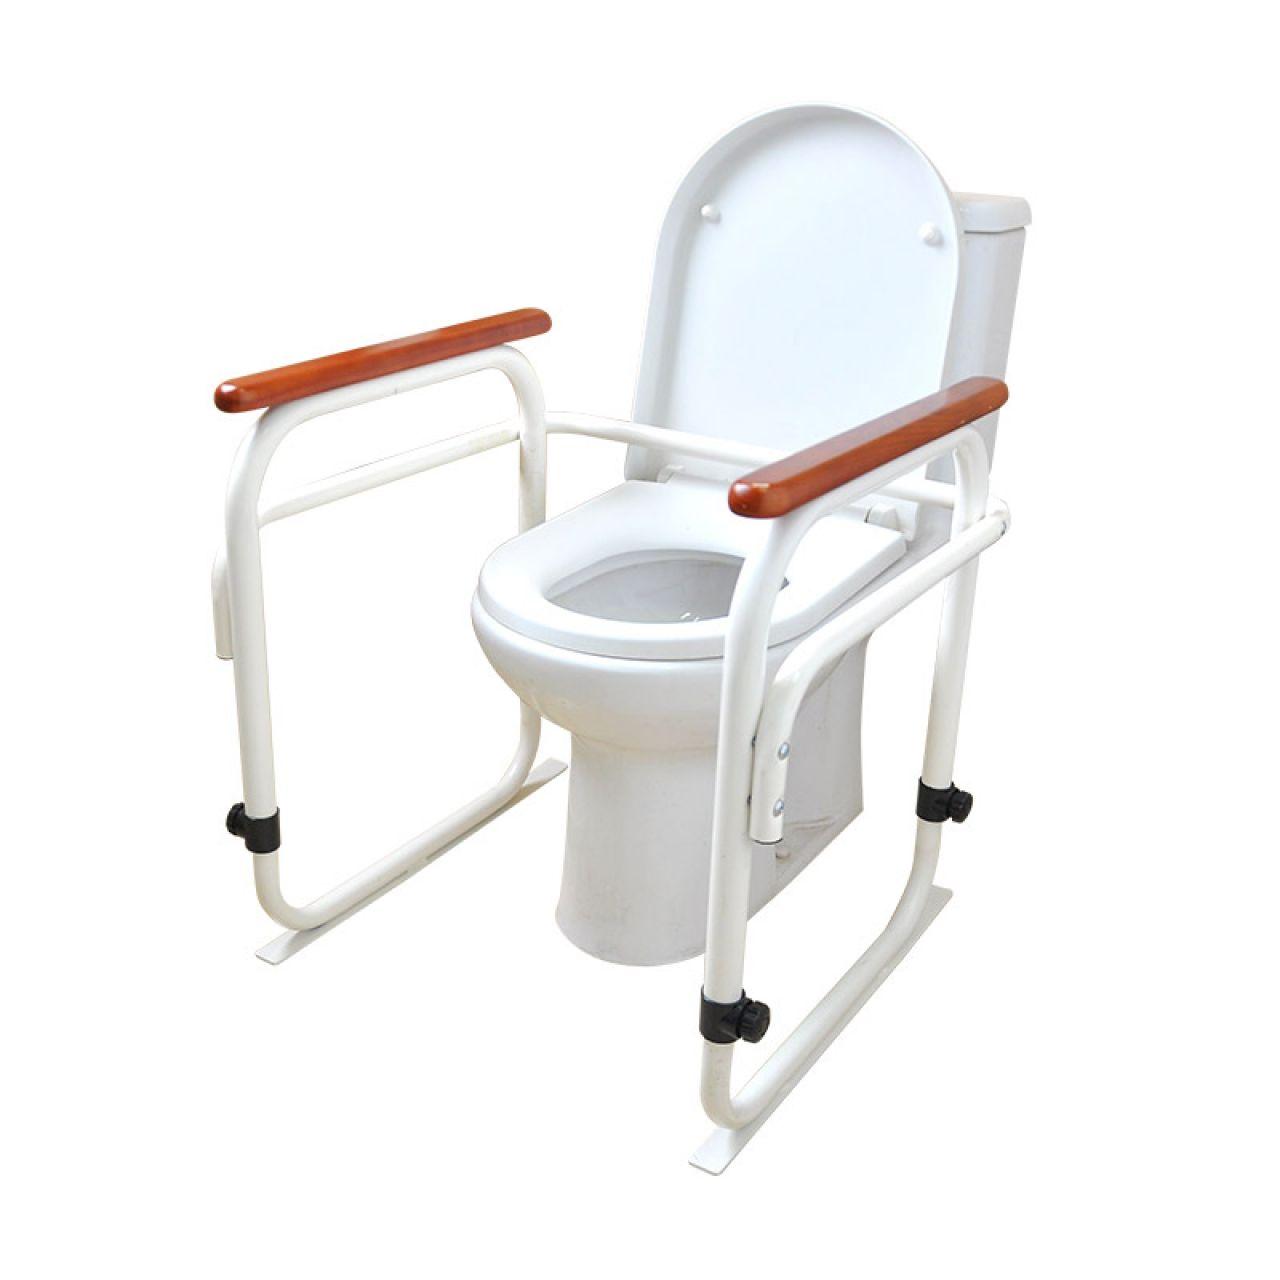 特高步 日本马桶安全扶手 卫生间厕所老人孕妇坐便辅助起身移动安全扶手防摔 EXH01